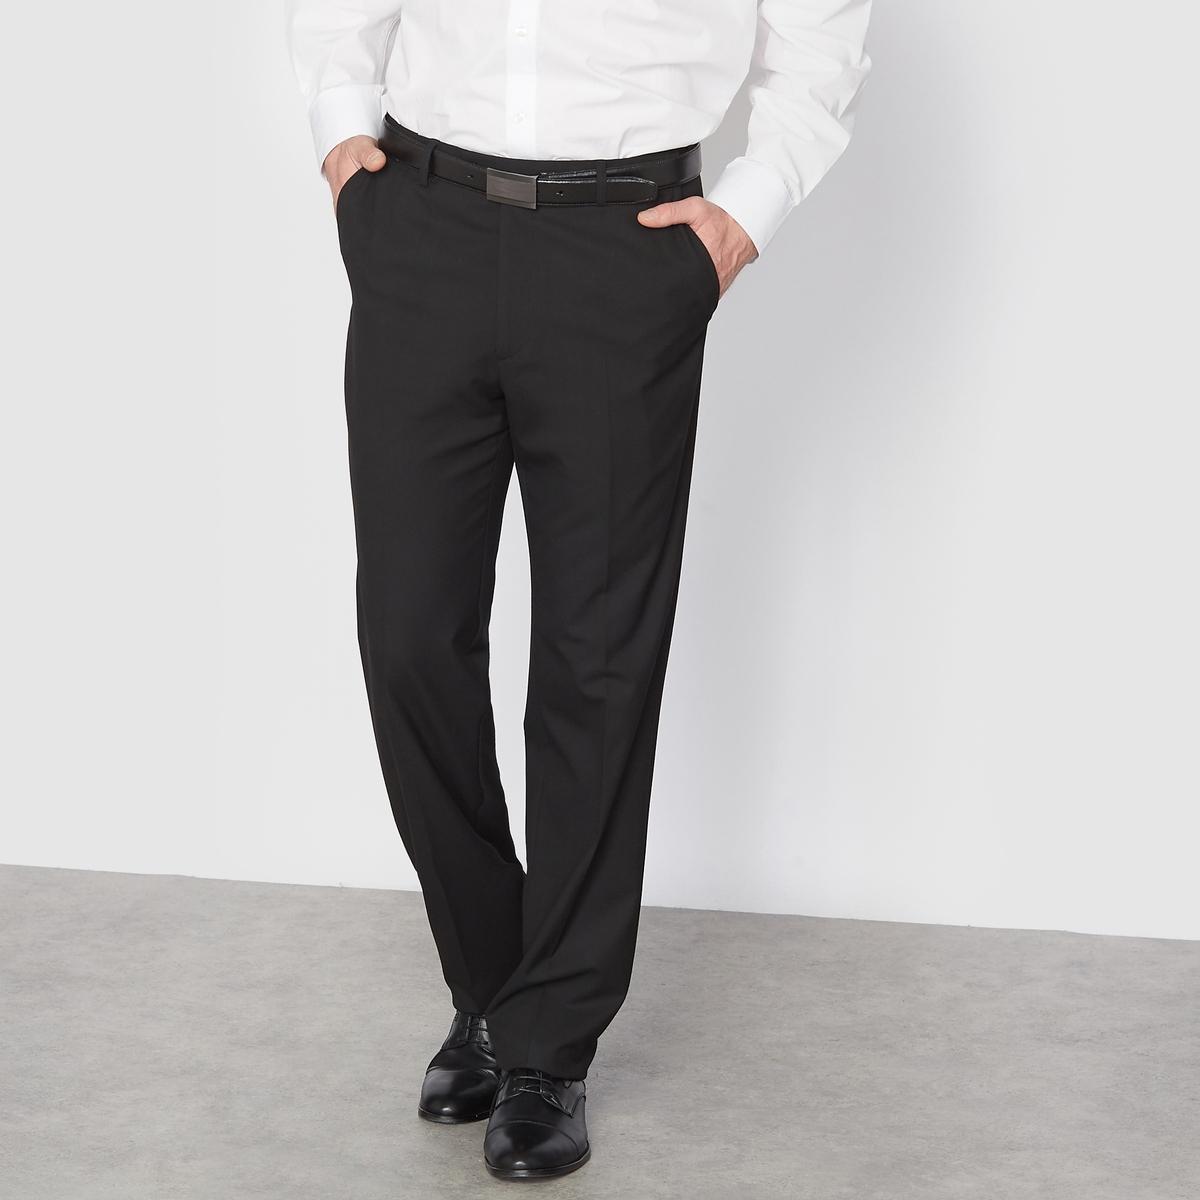 Брюки от костюма без защипов из ткани стретч, длина.2Можно носить как в сочетании с пиджаком, так и отдельно. Полнота пояса регулируется и подстраивается под любую морфологию. Застежка на молнию, пуговицу и крючок. 2 косых кармана. 1 прорезной карман с пуговицей сзади. Необработанный низ. Длина 2 : при росте от 187 см.- Длина по внутр.шву : 91,8-94,8 см, в зависимости от размера. - Ширина по низу : 21,4-27,4 см, в зависимости от размера. Есть также модель длины 1: при росте до 187 см. Есть также модель с защипами.<br><br>Цвет: антрацит,темно-синий,черный<br>Размер: 48 (FR) - 54 (RUS).54.64.48 (FR) - 54 (RUS).58